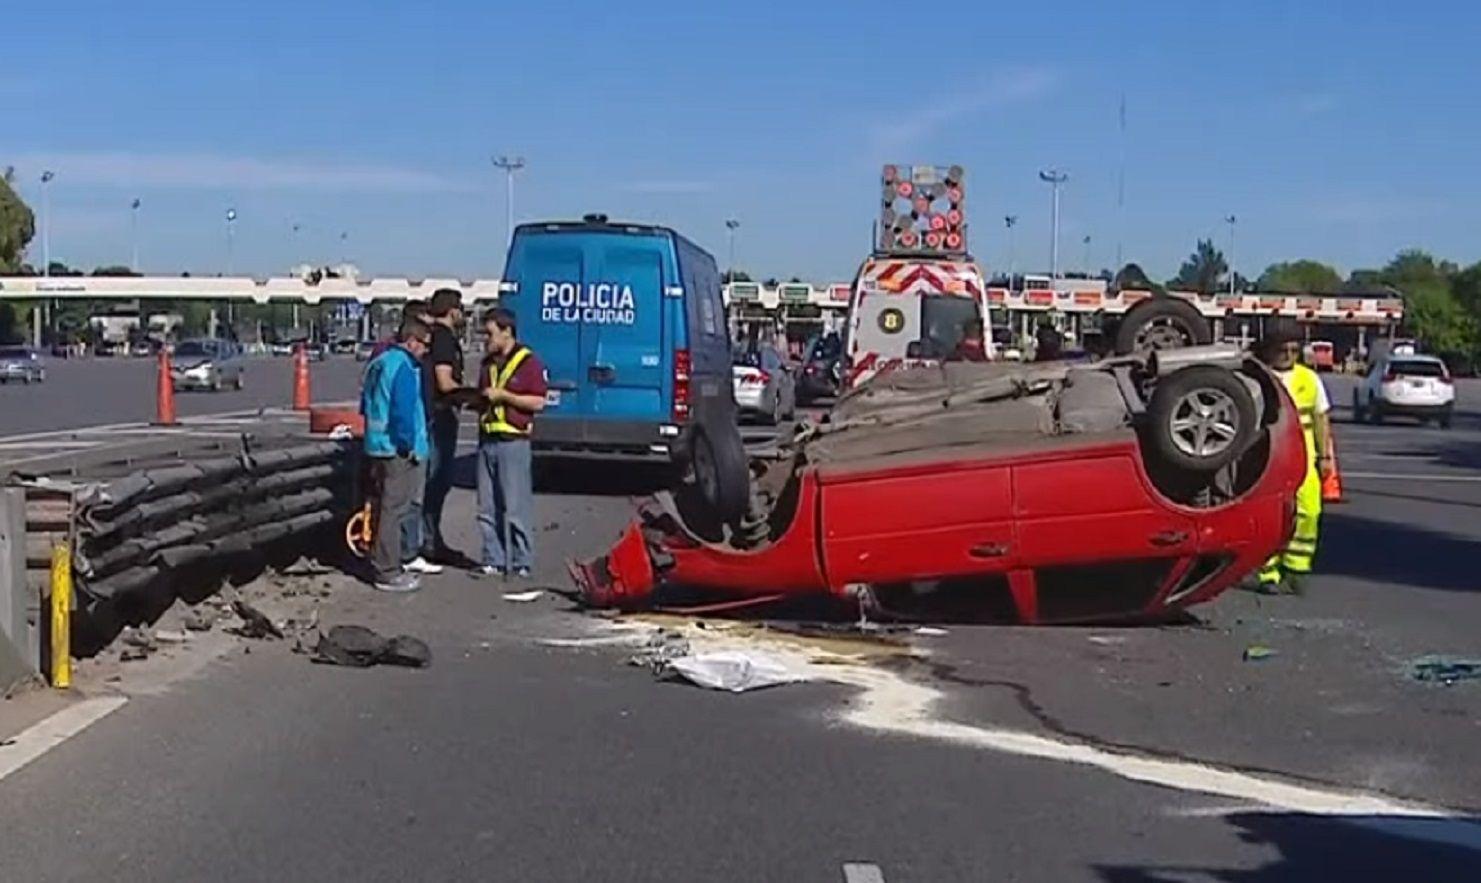 Choque y vuelco en la Autopista Perito Moreno: un gendarme muerto y otro herido